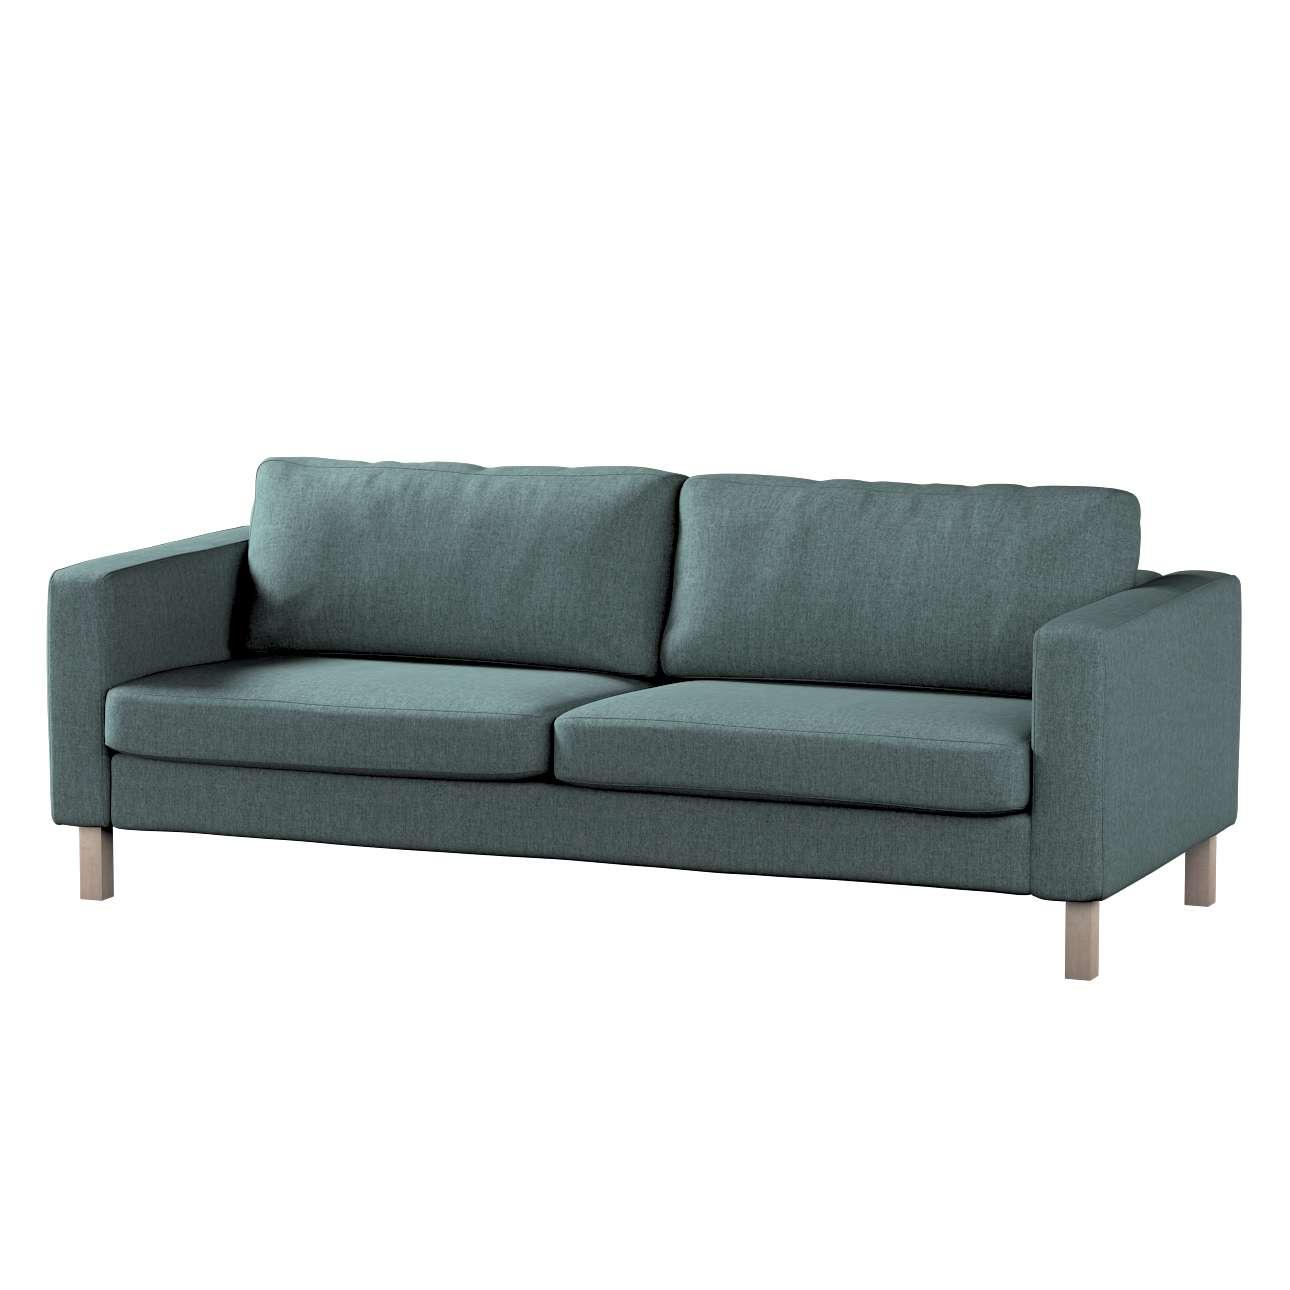 Pokrowiec na sofę Karlstad rozkładaną w kolekcji City, tkanina: 704-85